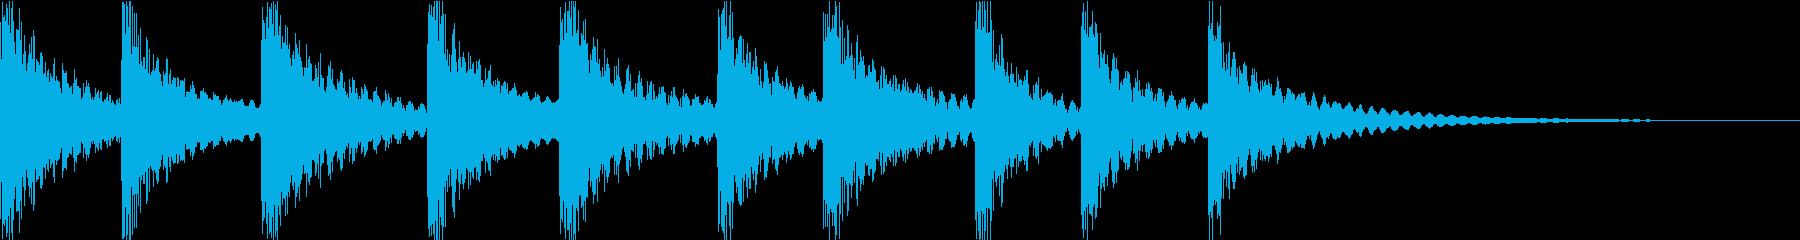 コミカルなパーカッション_気づいた時の再生済みの波形